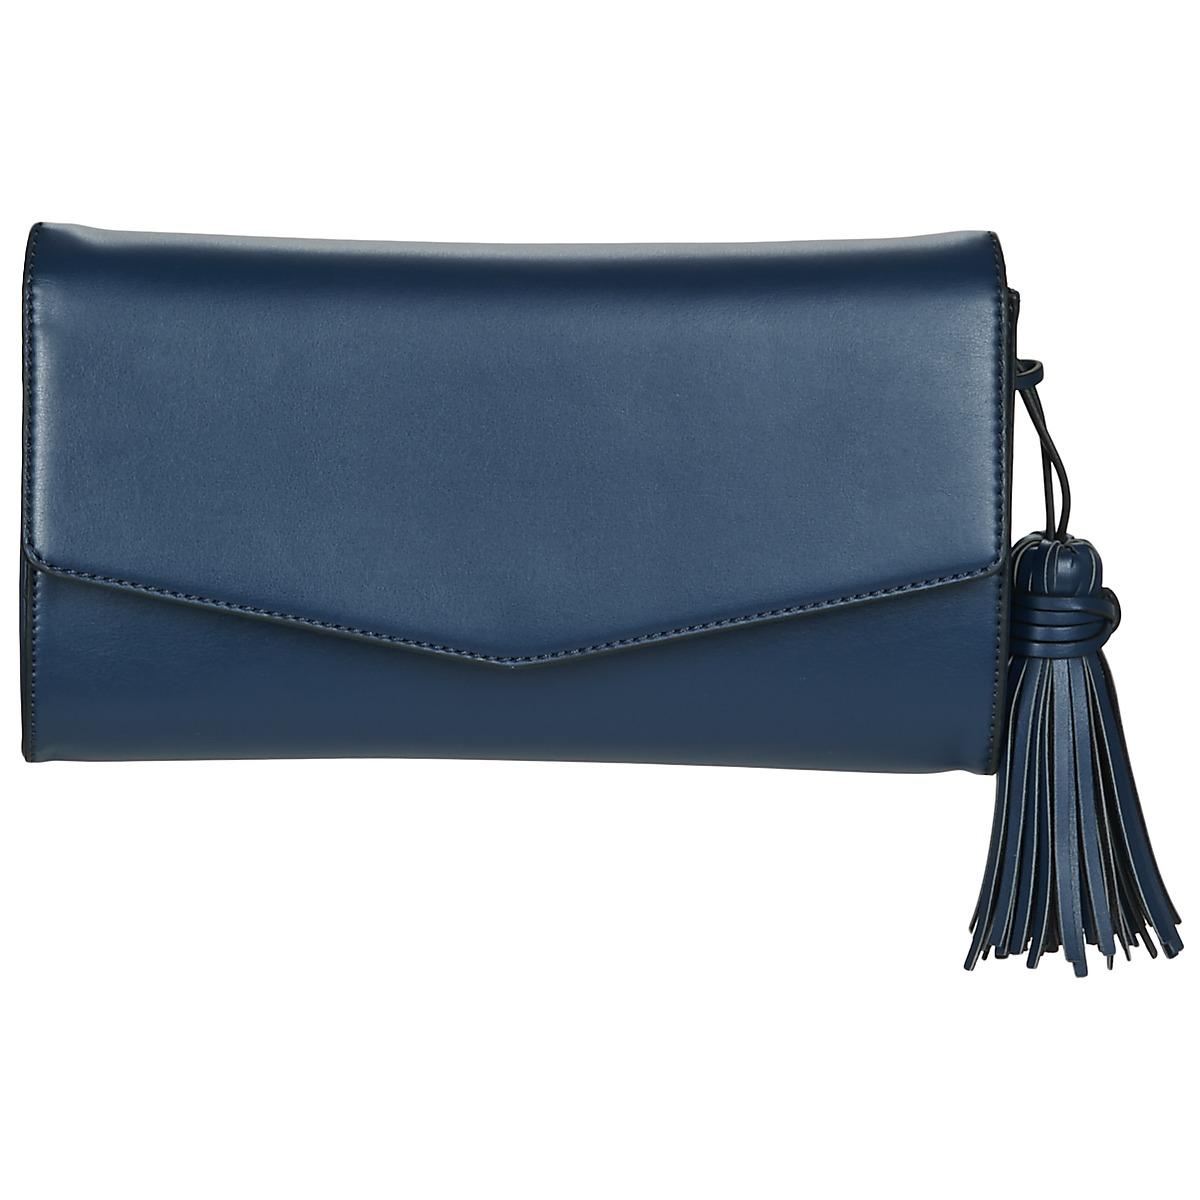 Borsetta elegante donna Esprit  FAY CLUTCH  Blu Esprit 4060469477023